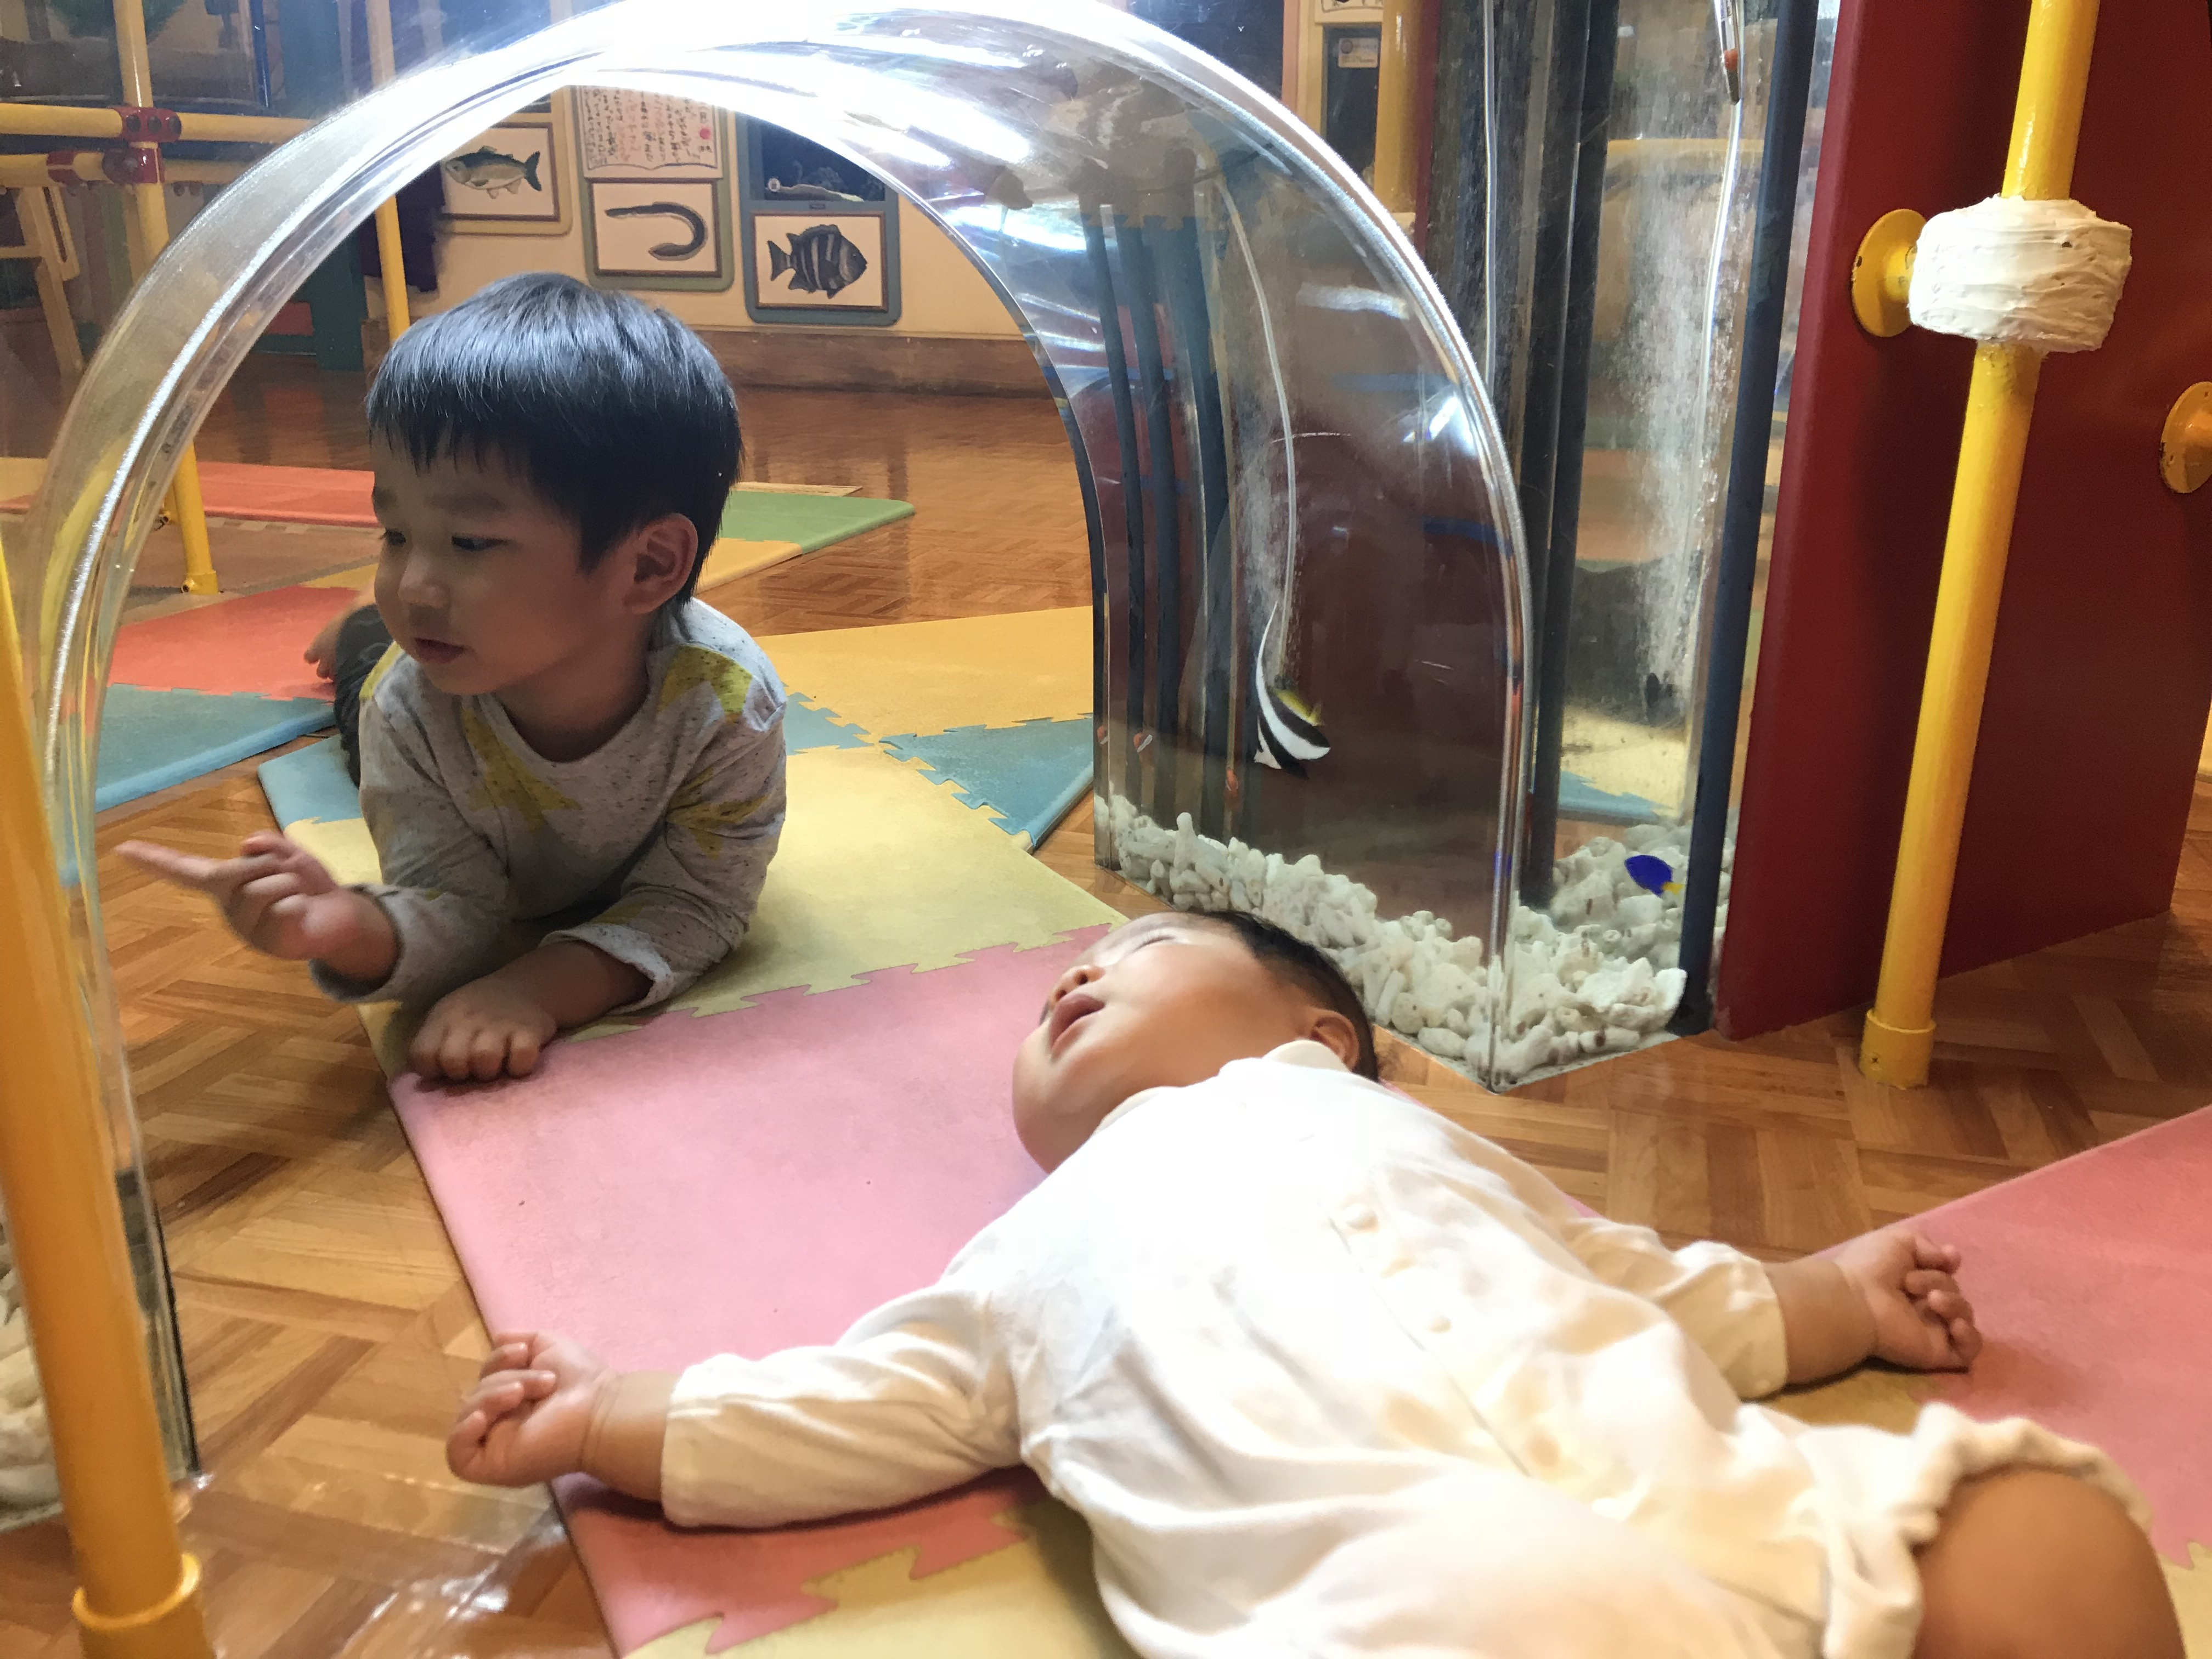 中華街では貴重な乳児向け設備ありの水族館